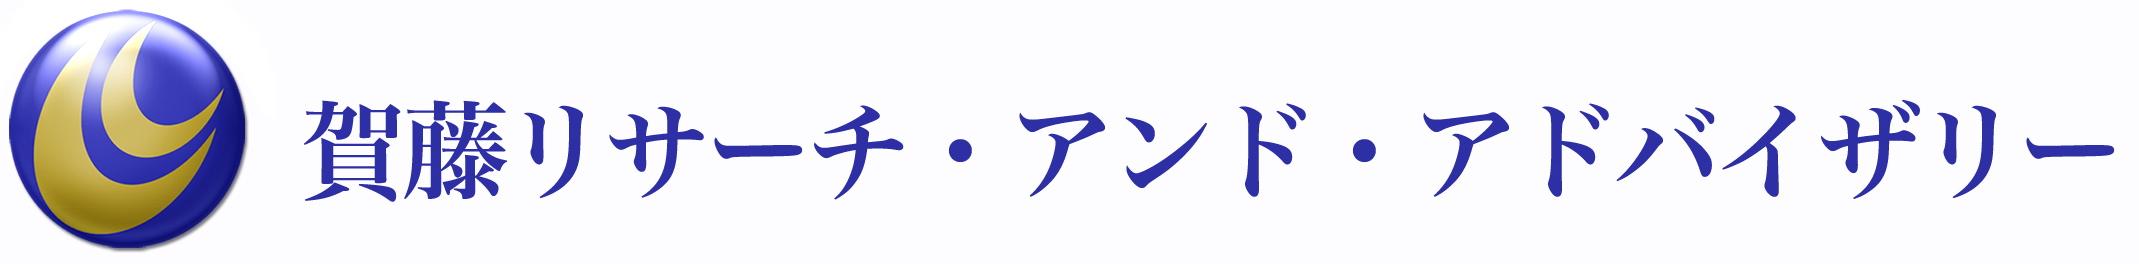 賀藤リサーチ・アンド・アドバイザリー